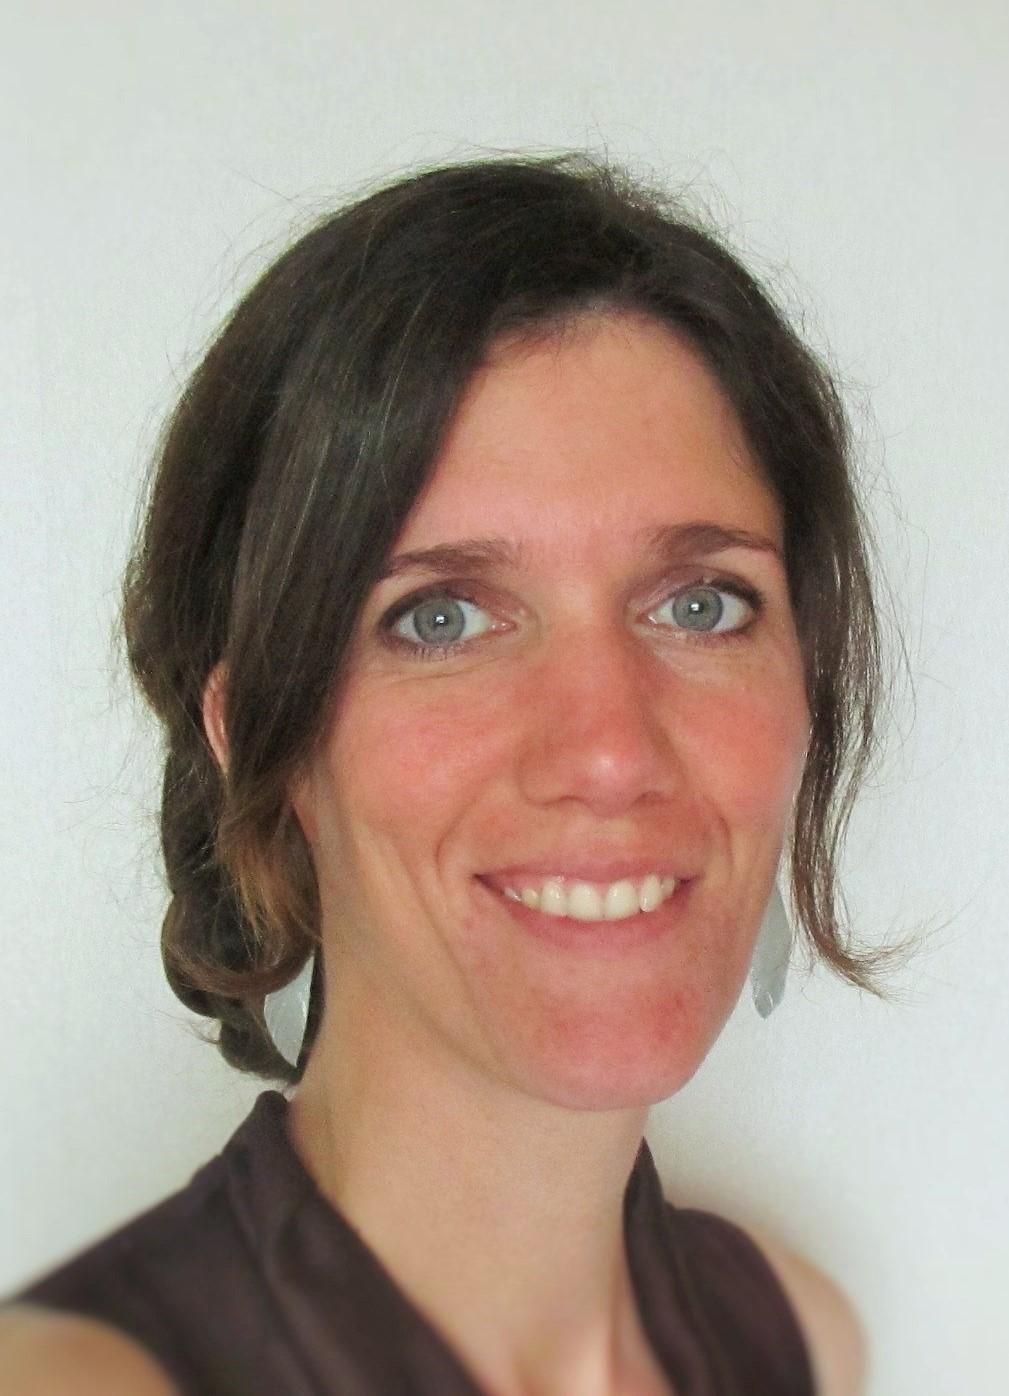 Naar een maakbare mens?, een lezing door Heidi Mertes